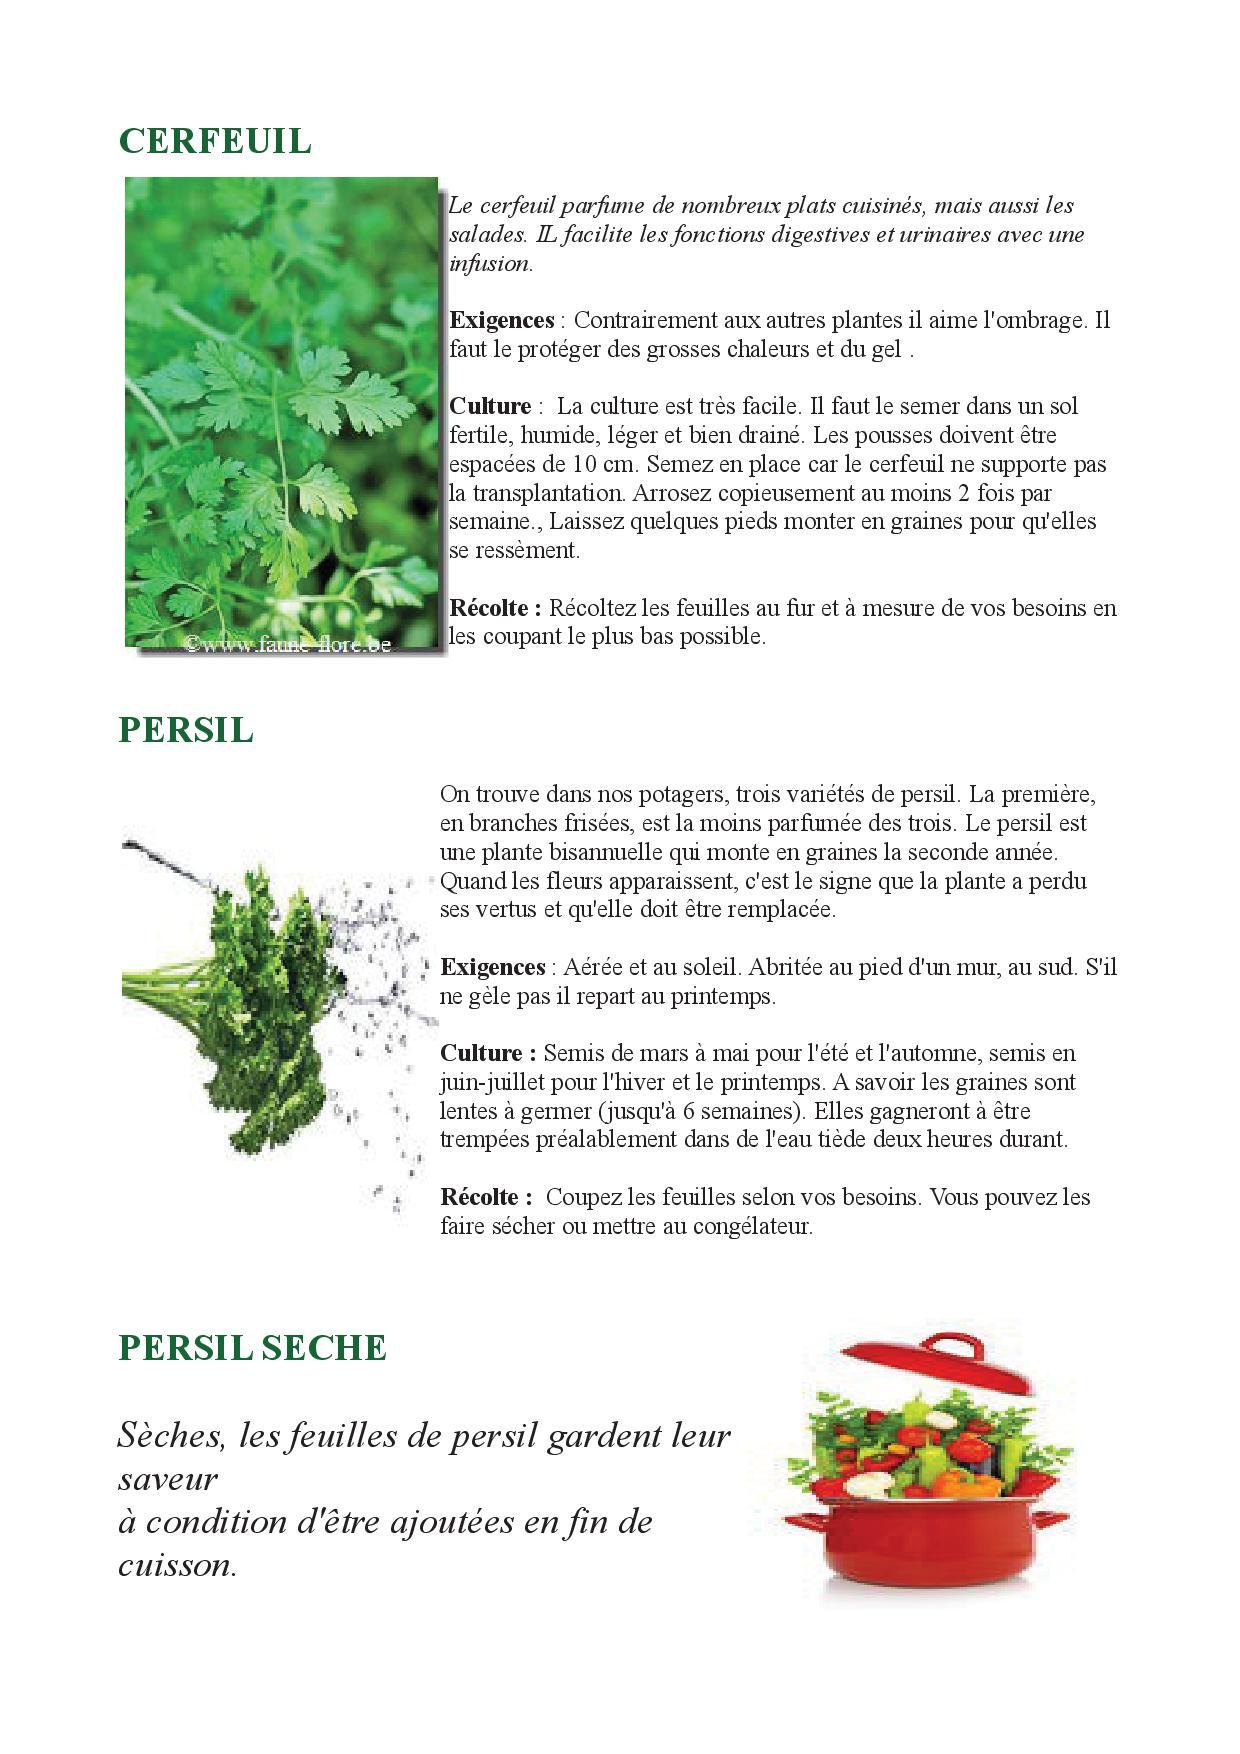 Quand planter herbes aromatiques plantation du basilic le basilic est une plante aromatique - Quand planter des fraisiers ...